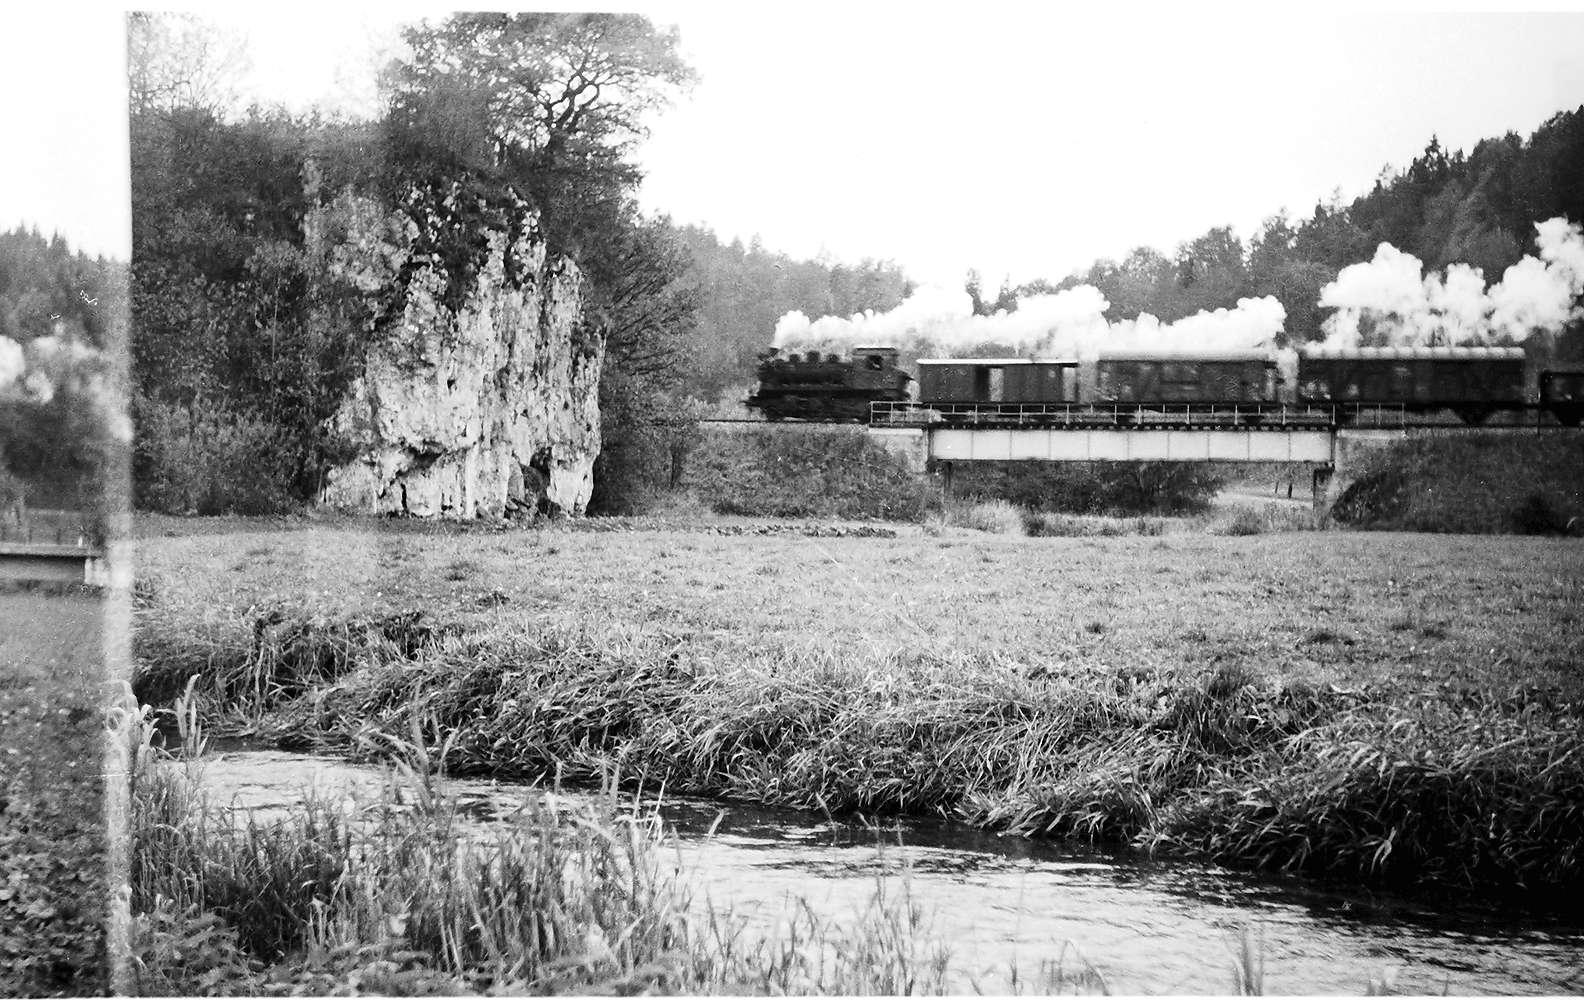 Lok 141 mit Packwagen, Brücke bei Veringendorf, Bild 1